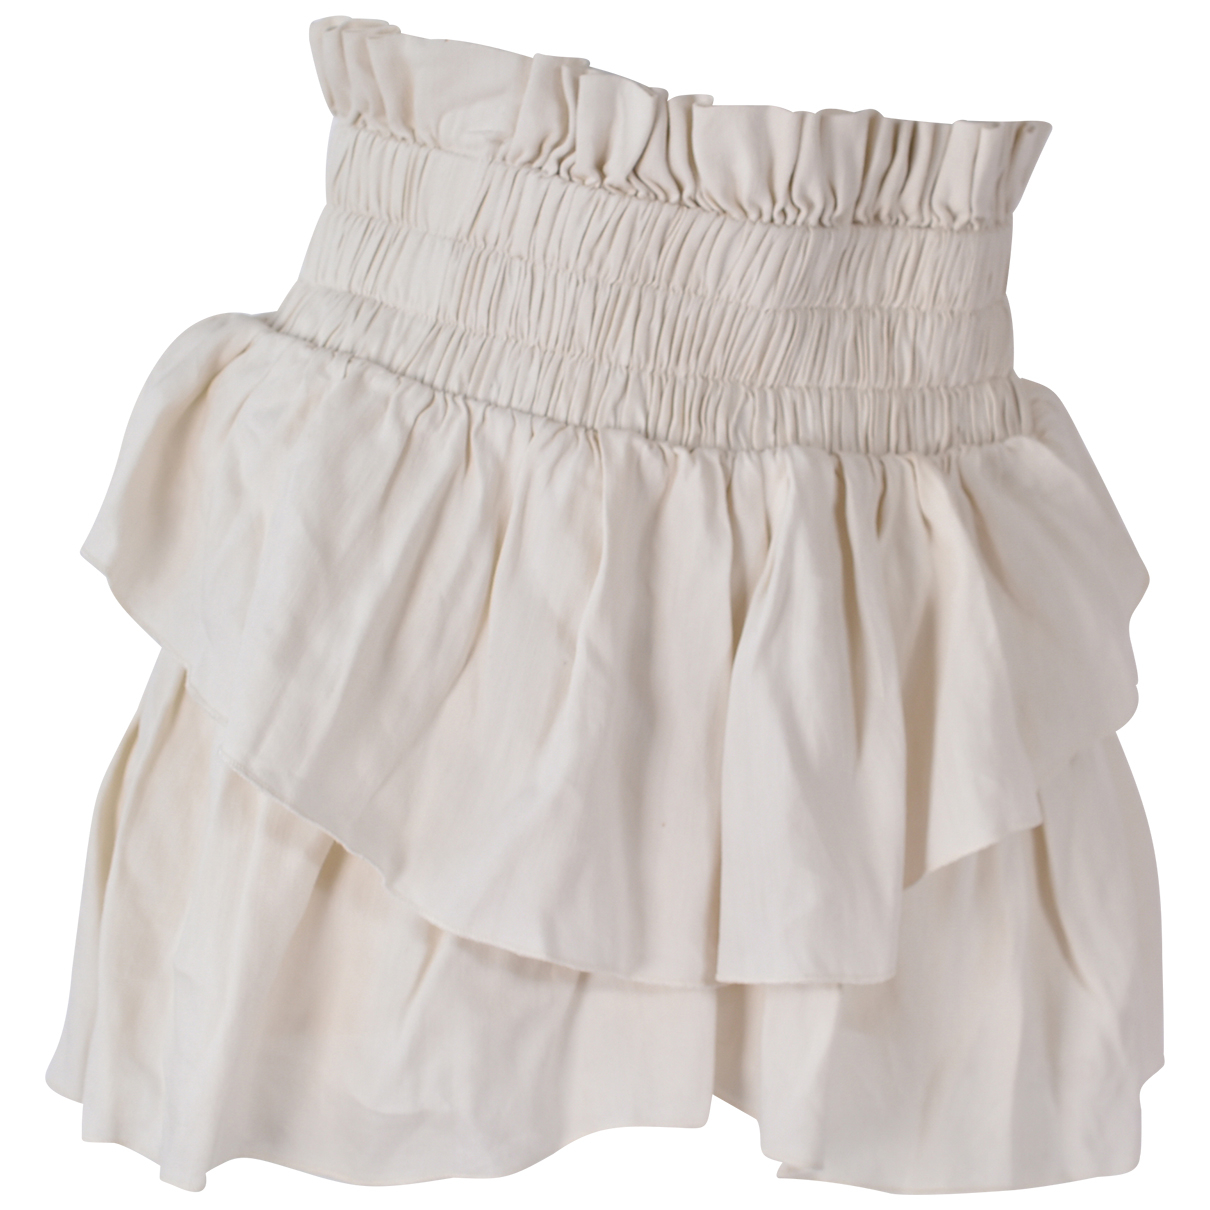 Isabel Marant Etoile \N Beige Linen skirt for Women 36 FR